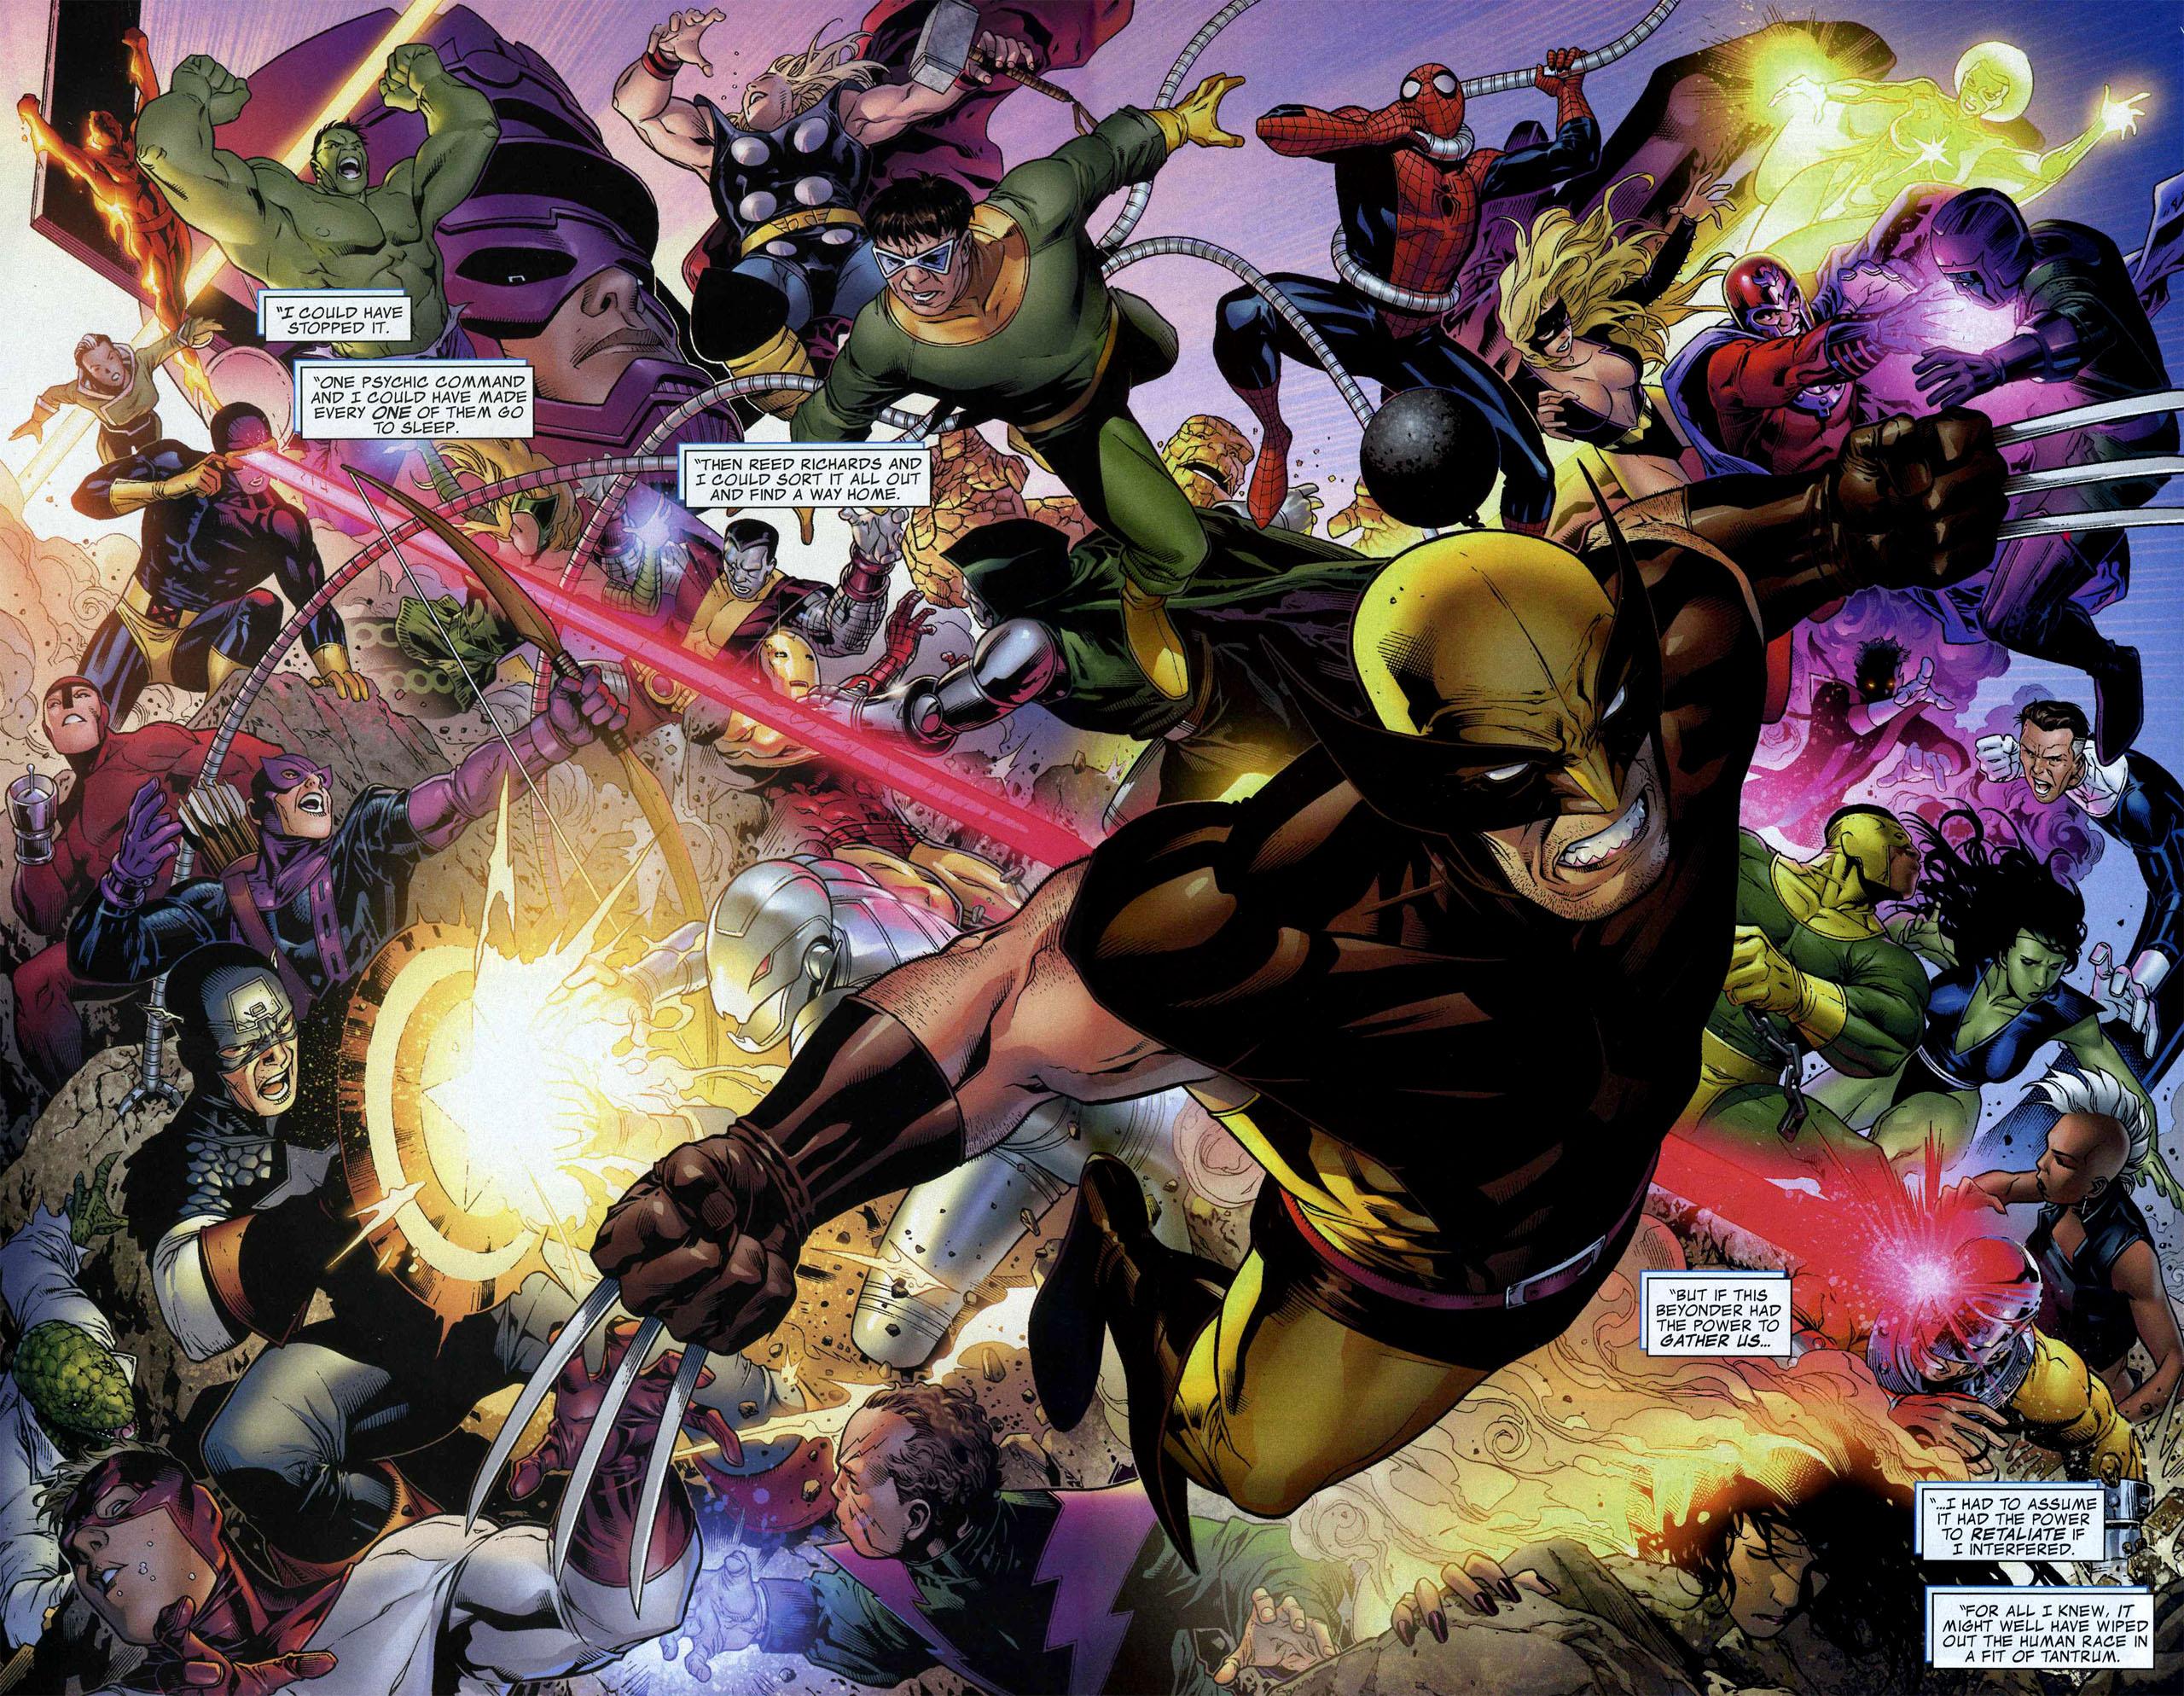 Download Wallpaper Marvel Secret Wars - 622516  Pictures_274156.jpg